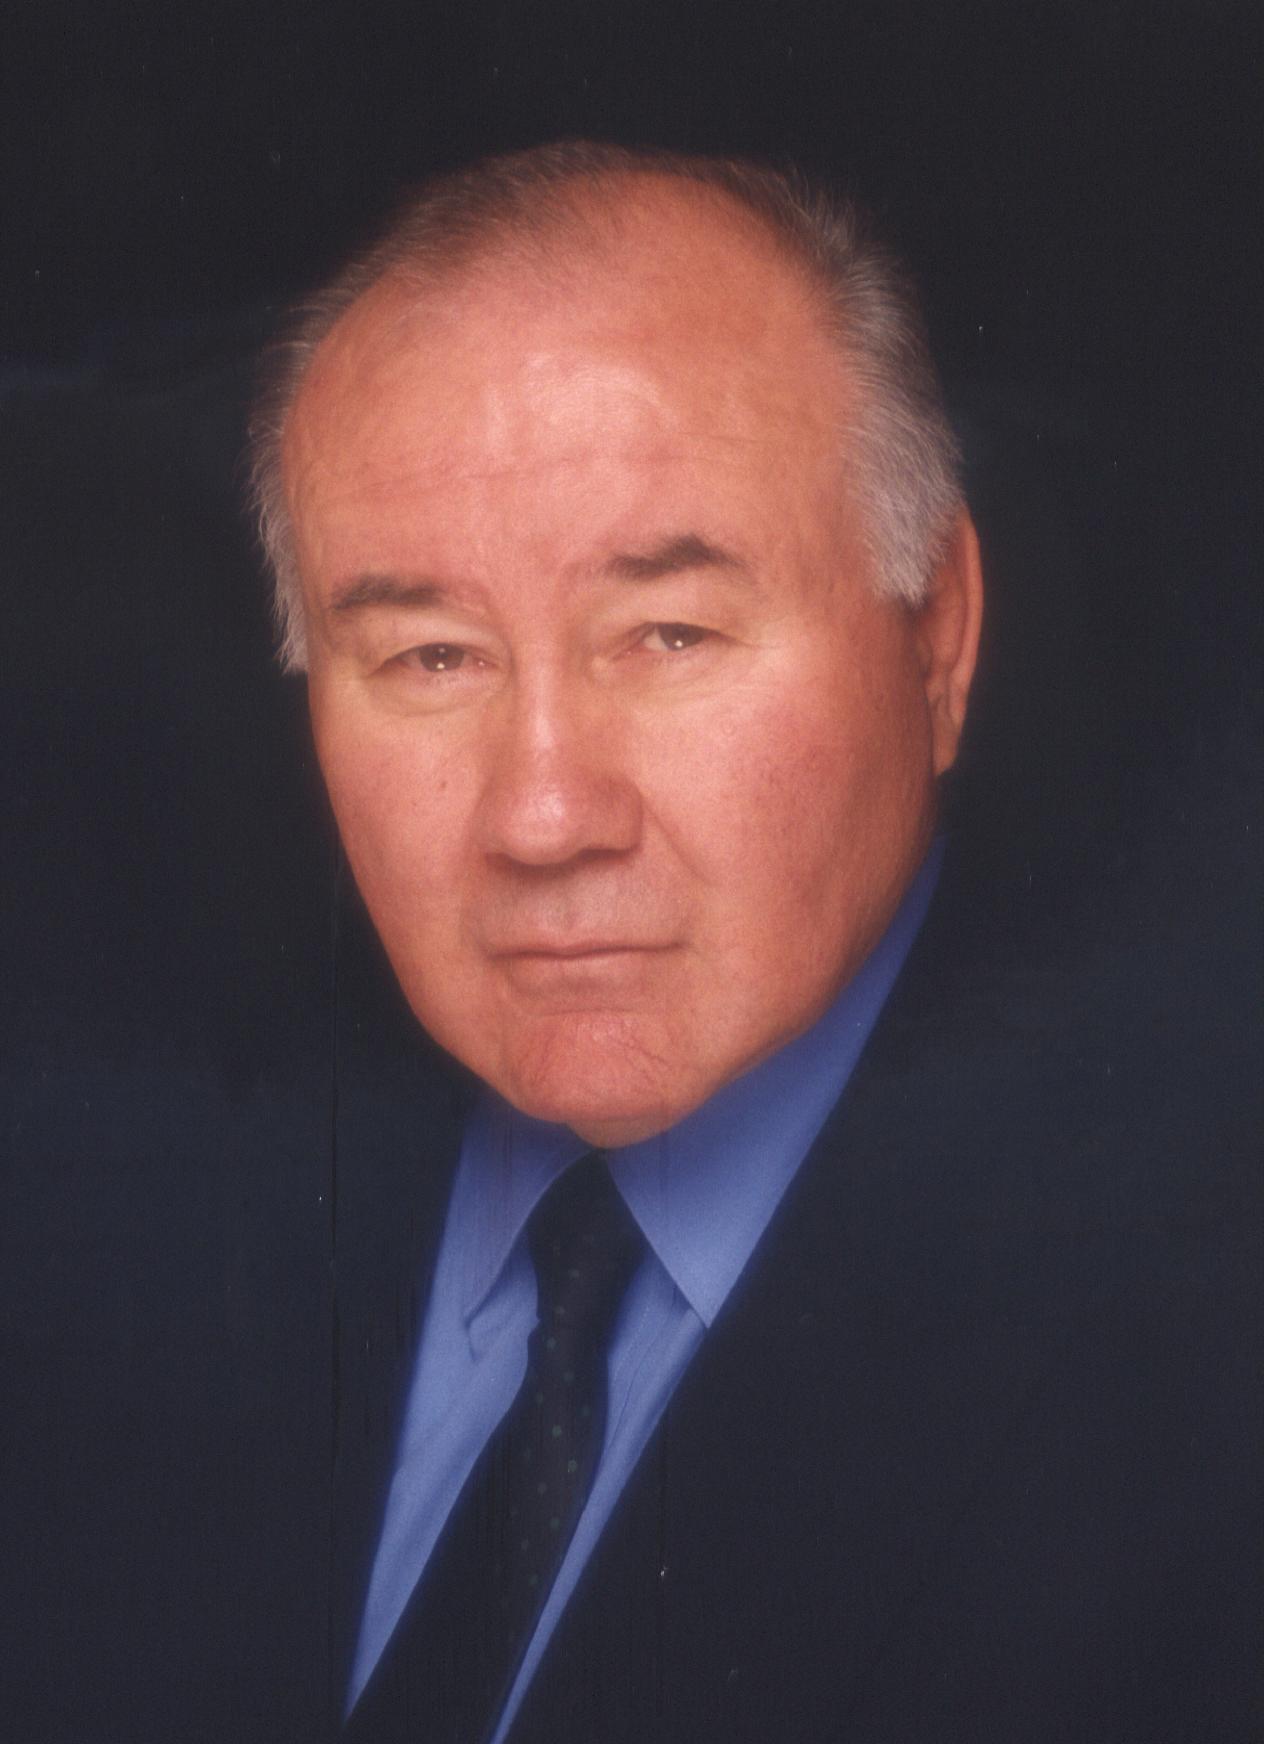 د. حسين عمر توقة